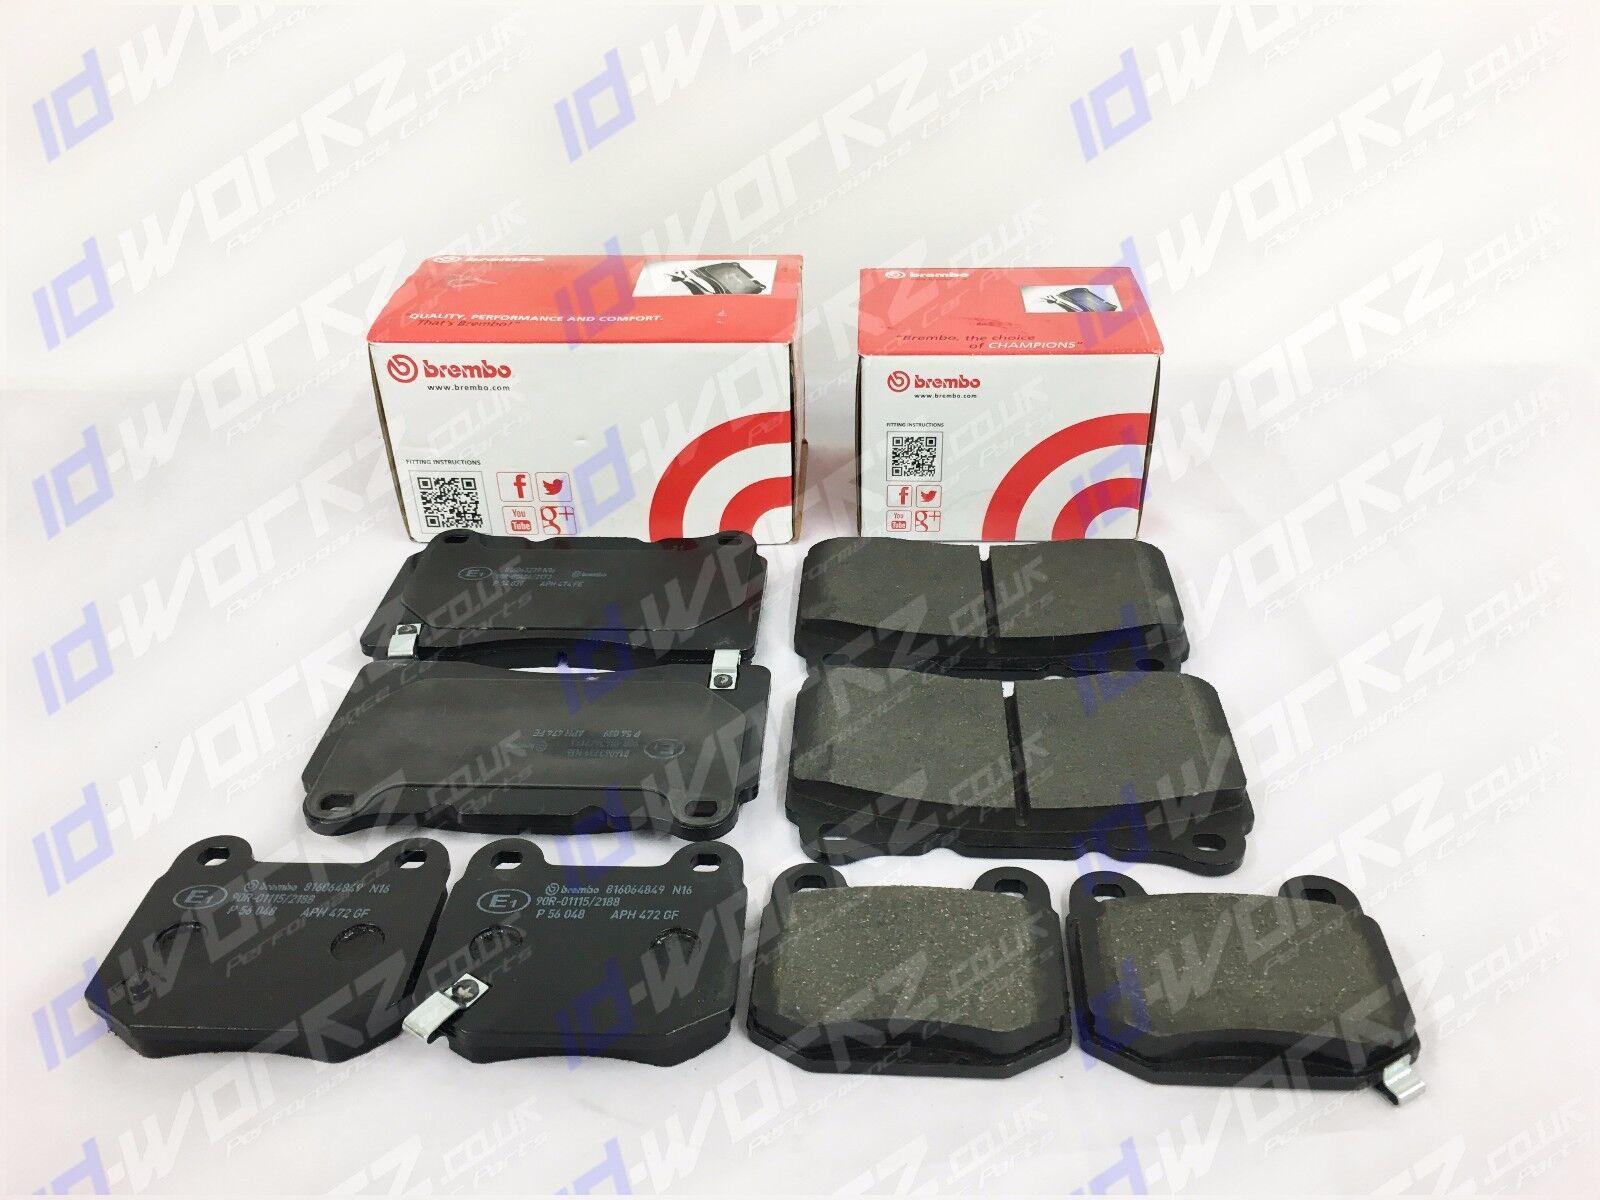 For Mitsubishi Lancer evolution 2.0 turbo evo 6 7 8 9 Rear brake pads Brembo OEM